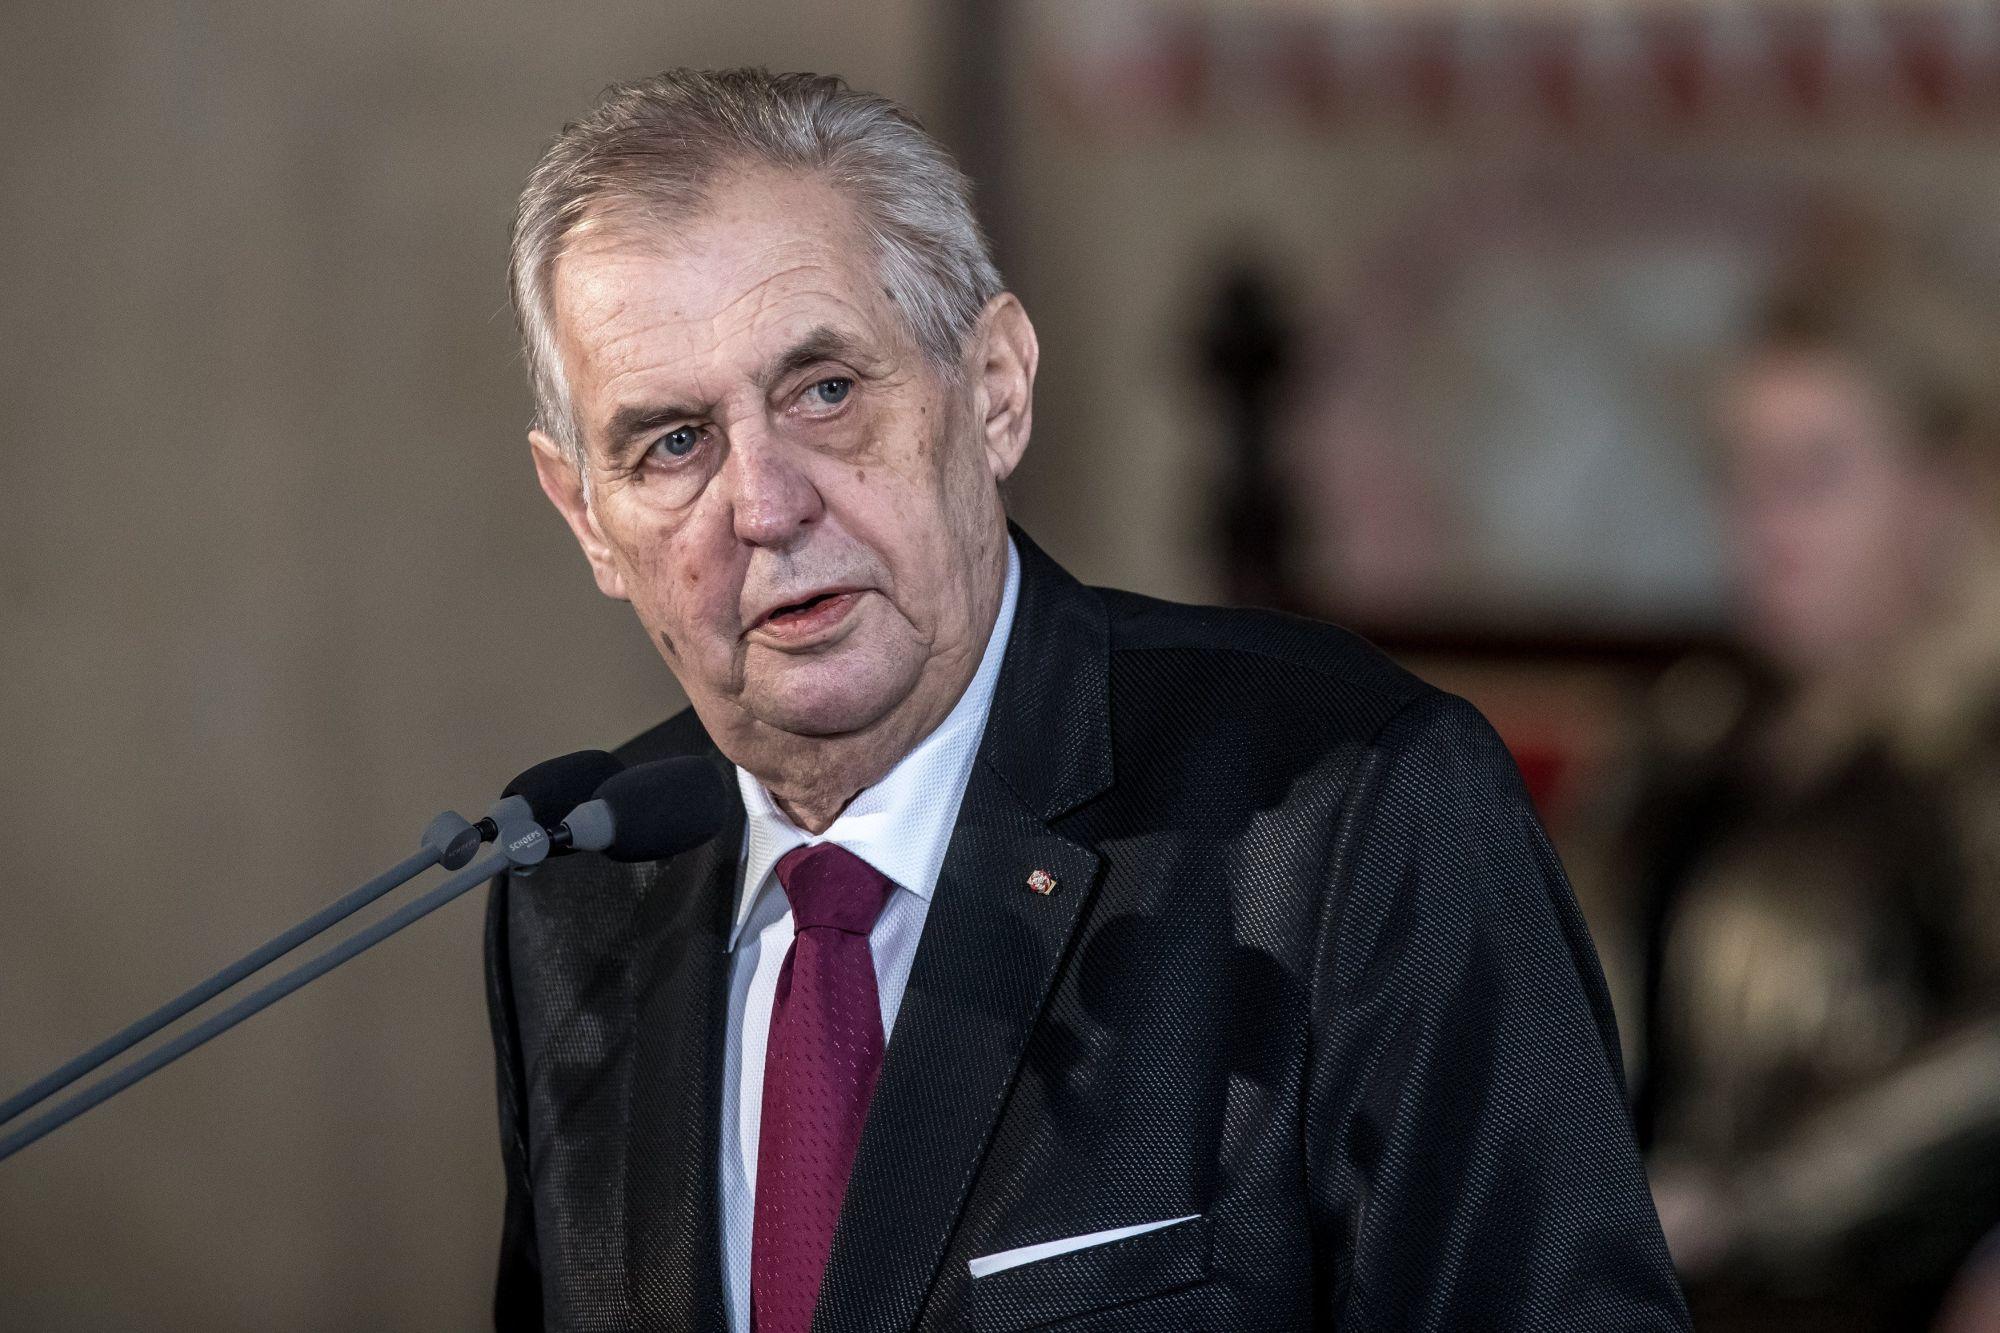 Milos Zeman újraválasztott cseh államfő beszédet mond a beiktatási ünnepségén a prágai vár, a Hradzsin Ulászló-termében 2018. március 8-án. (MTI/EPA/Martin Divisek)